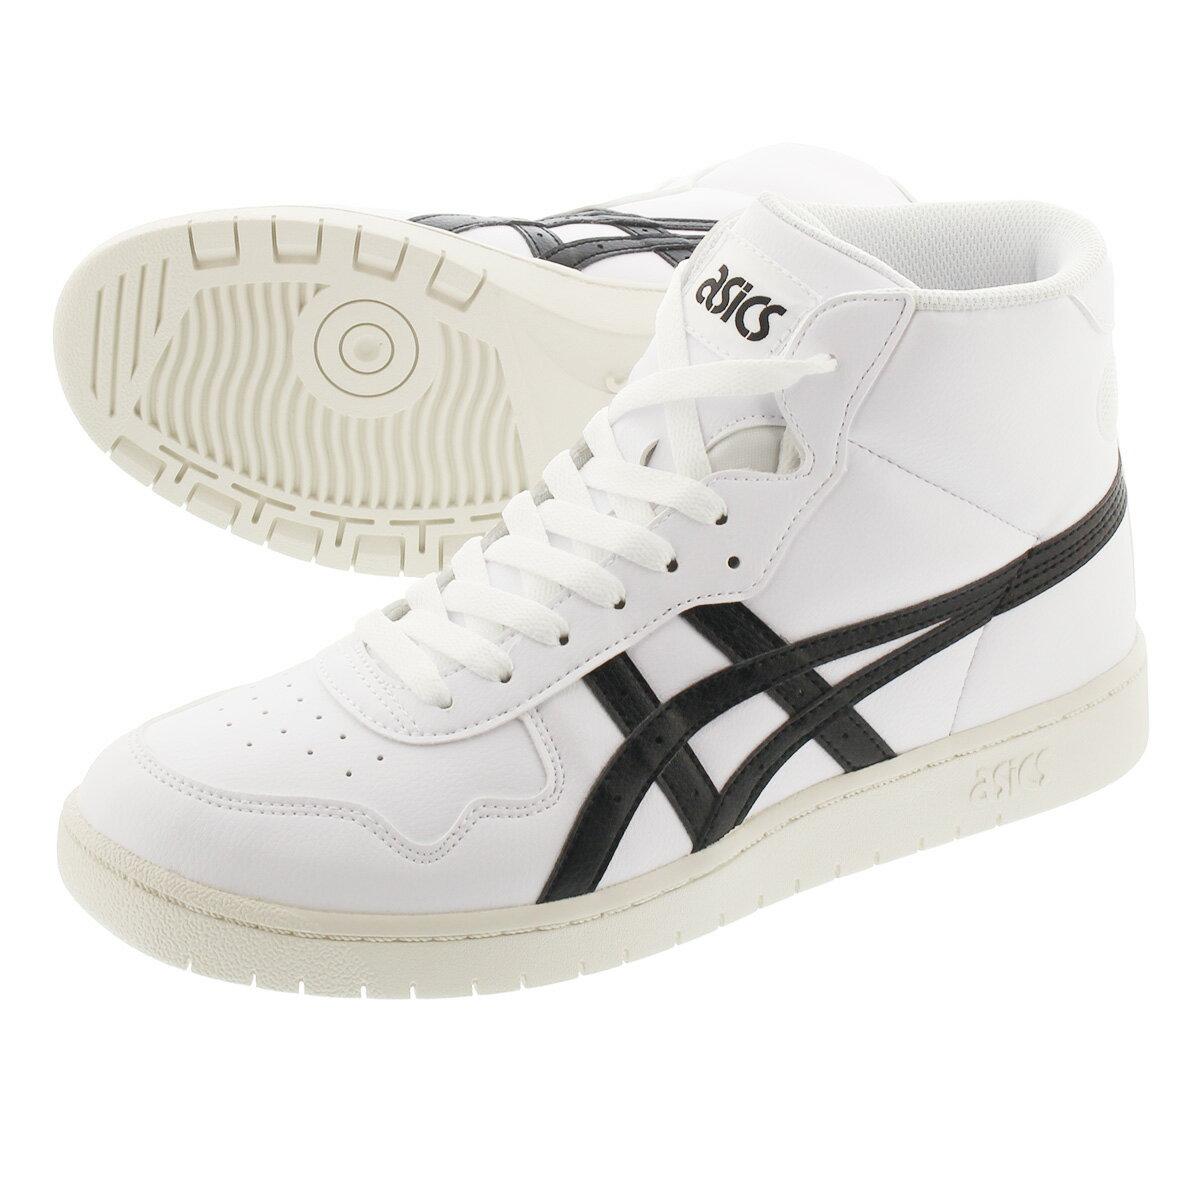 メンズ靴, スニーカー ASICS SPORTSTYLE JAPAN L WHITEBLACK 1191a313-101